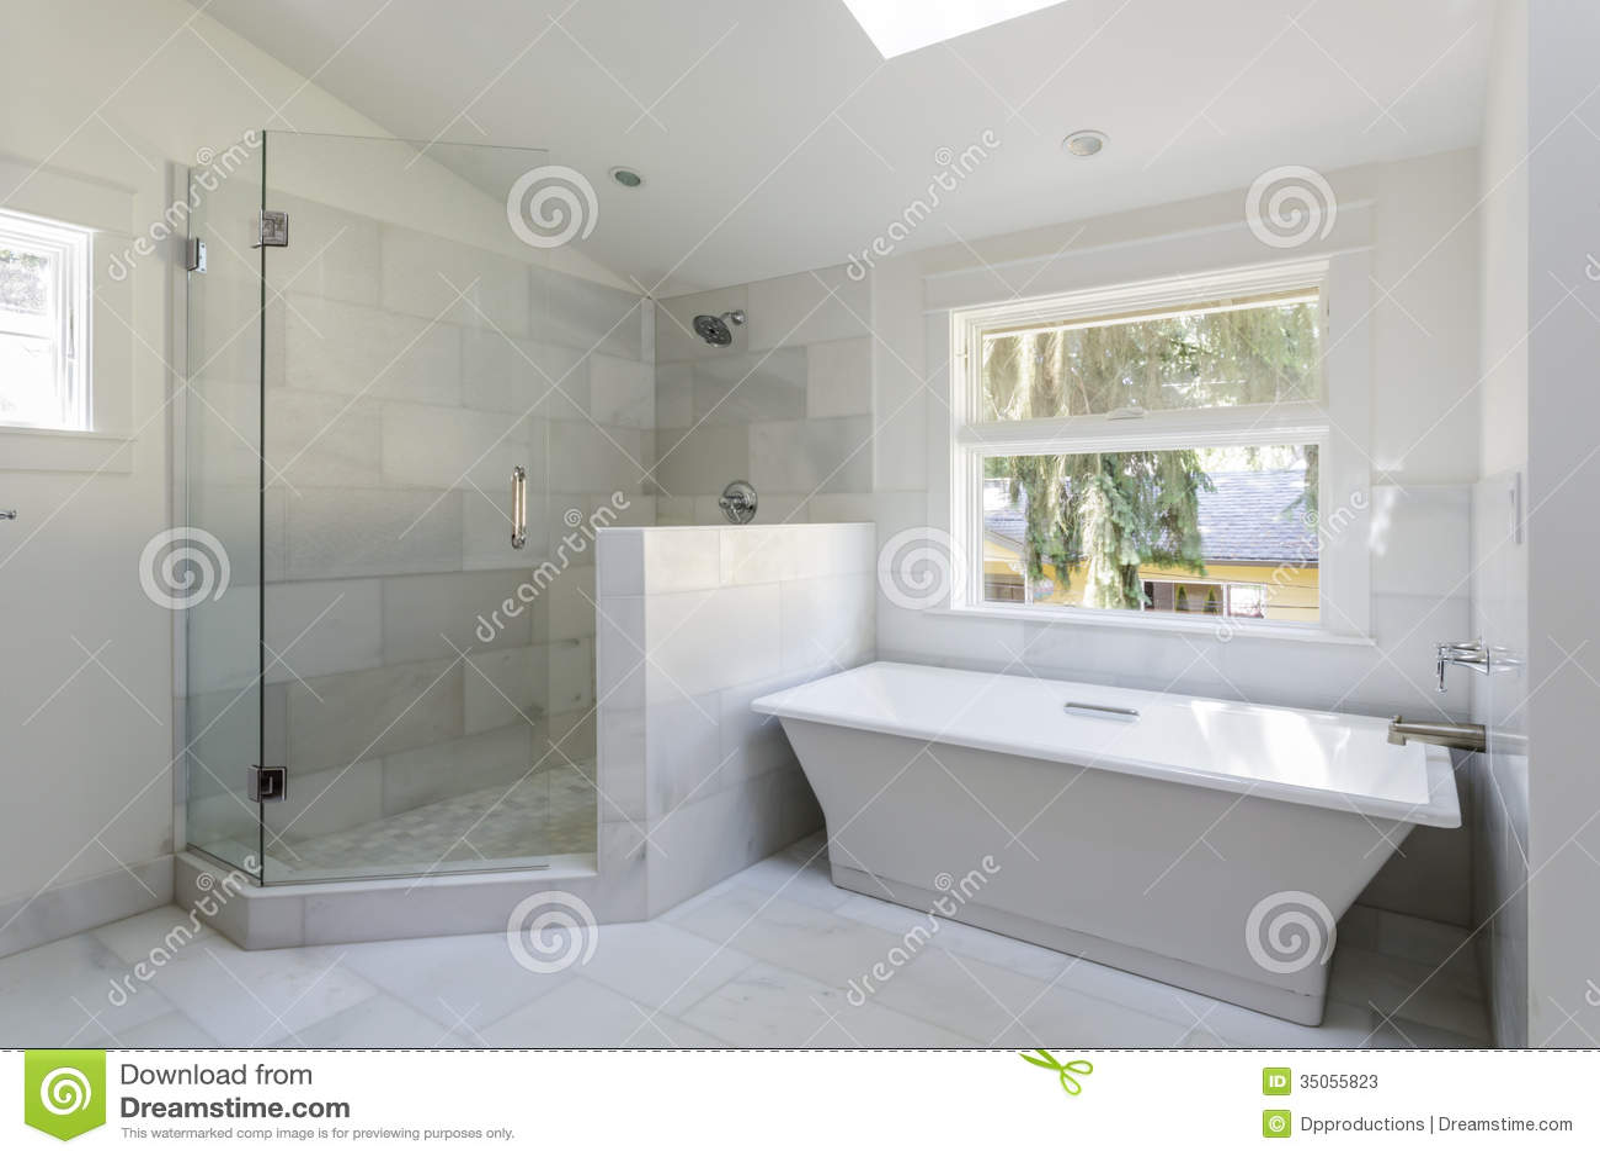 modernes badezimmer mit dusche und badewanne stockbild bild 35055823. Black Bedroom Furniture Sets. Home Design Ideas